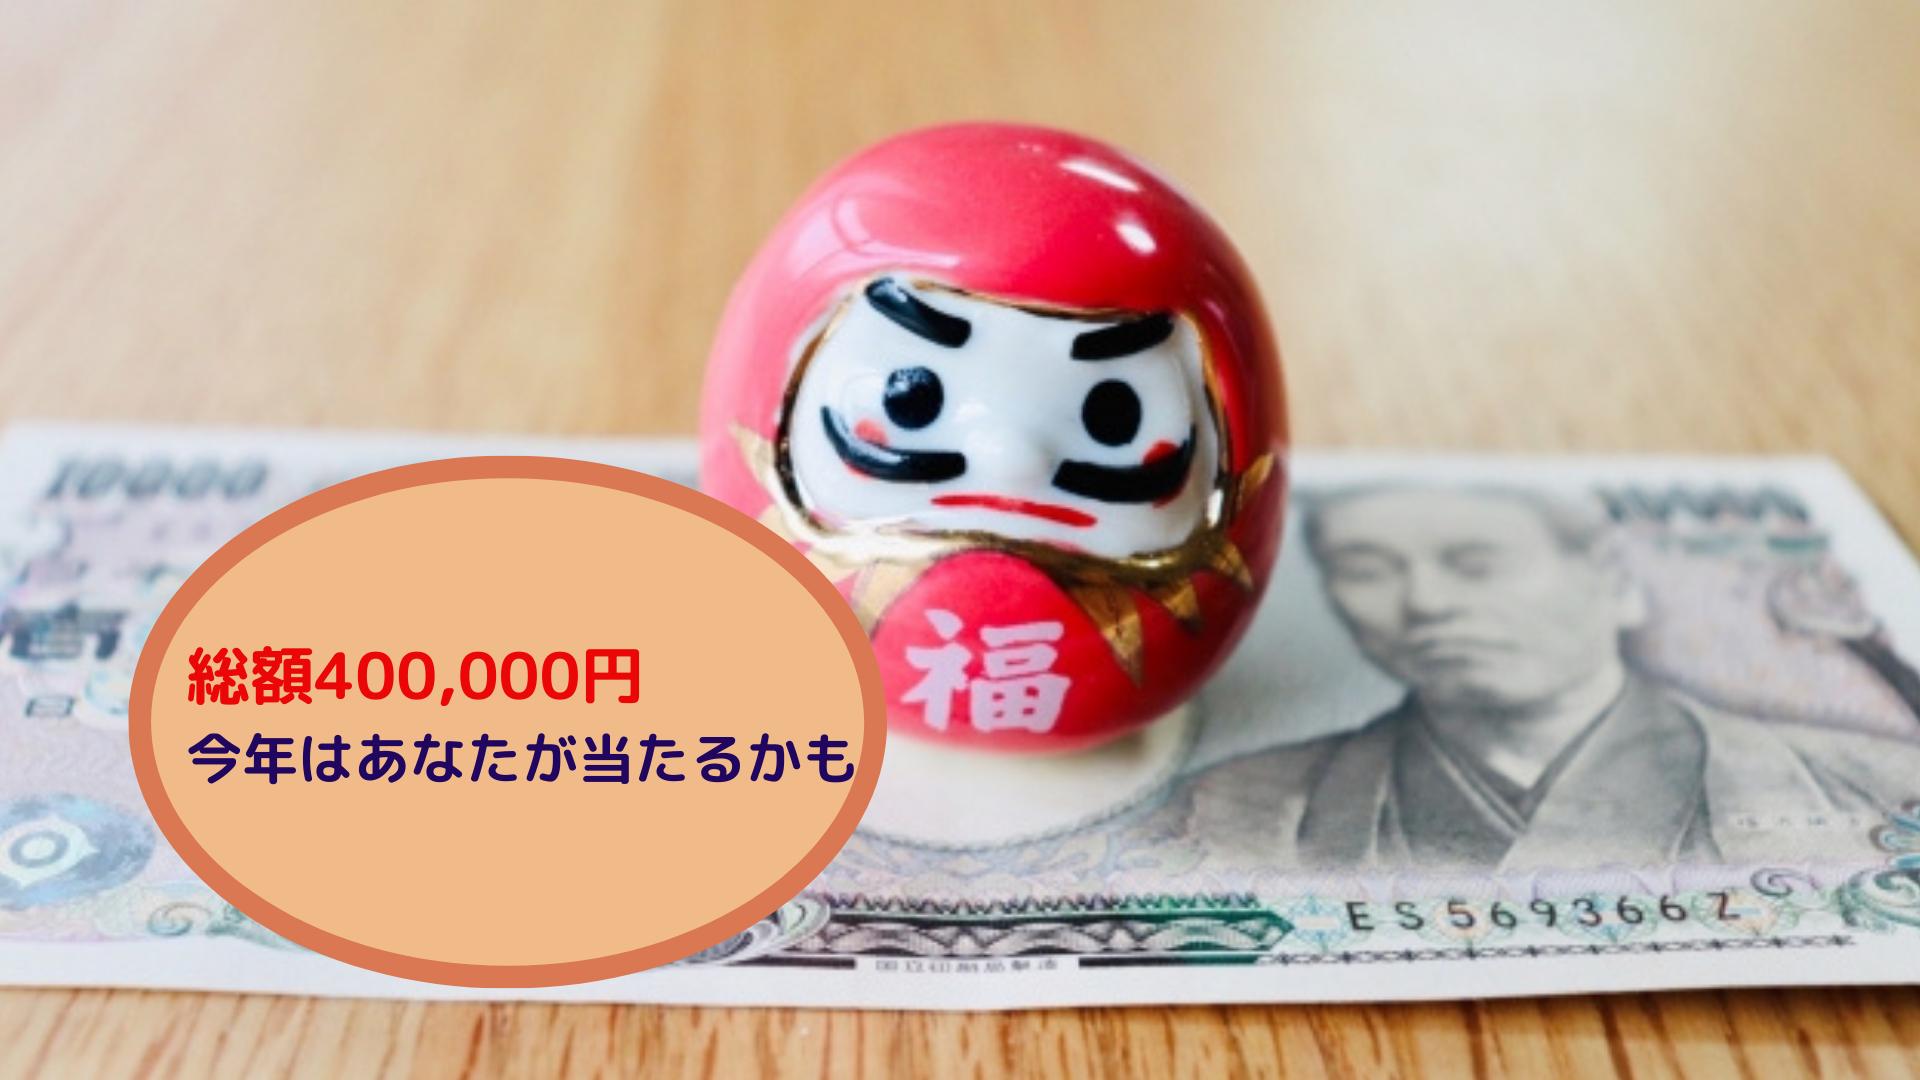 年末宝くじ総額400,000円